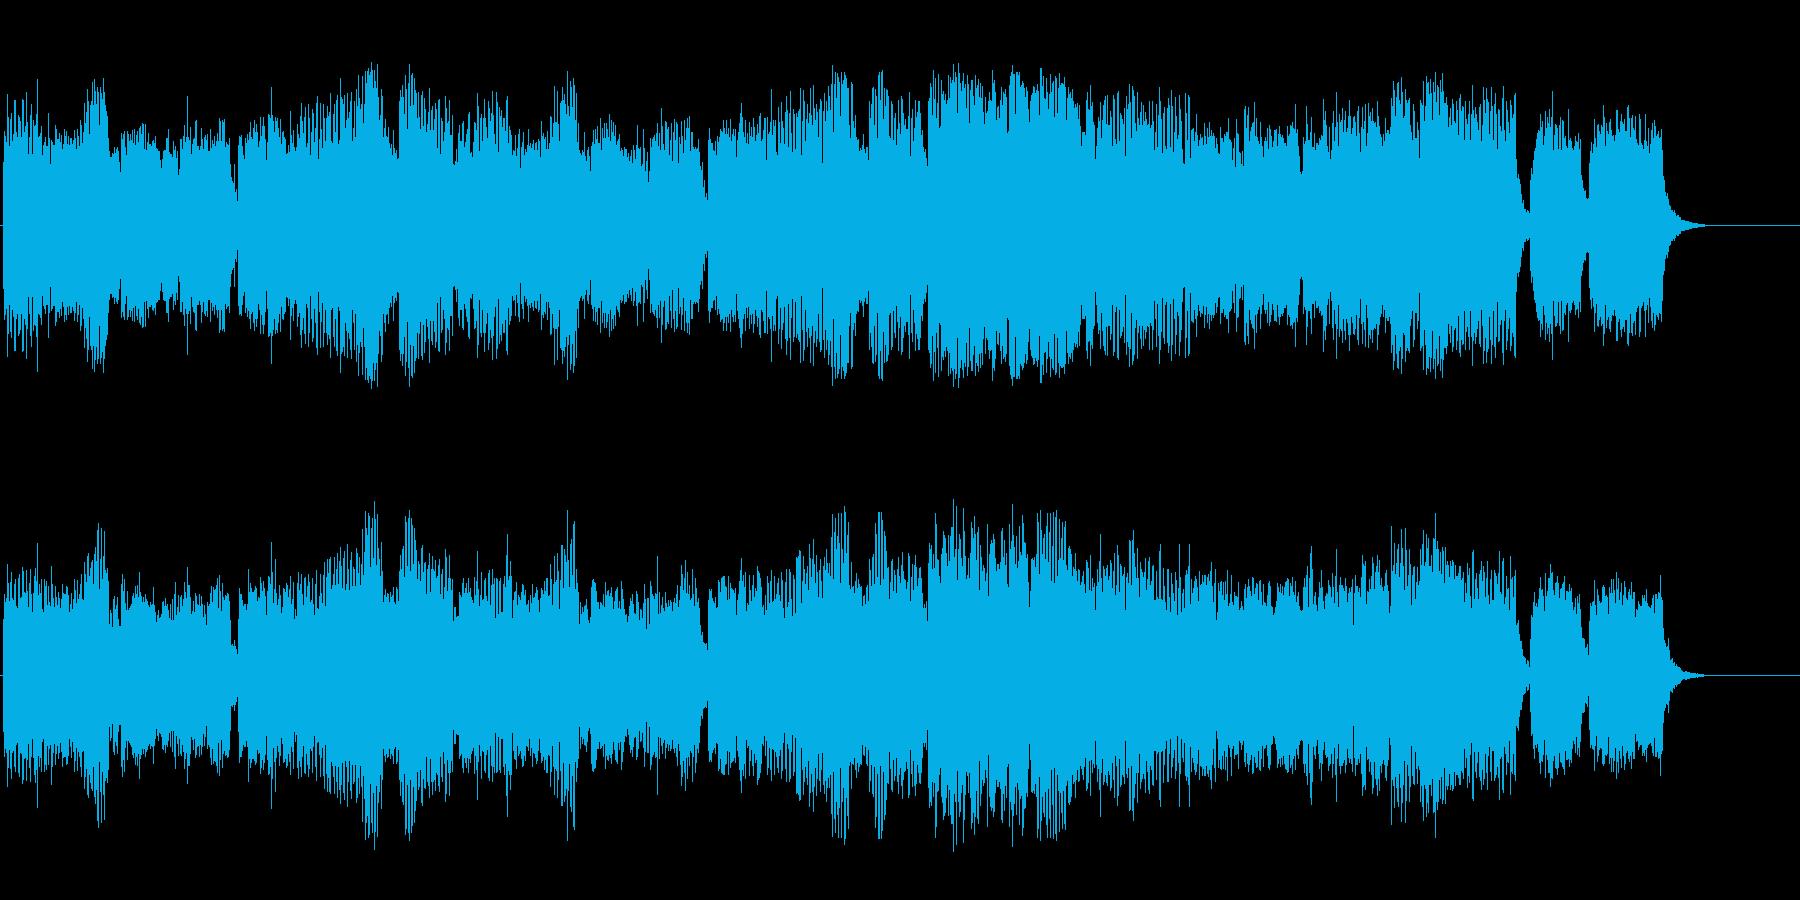 聖夜の教会の神聖なセミクラ風バラードの再生済みの波形